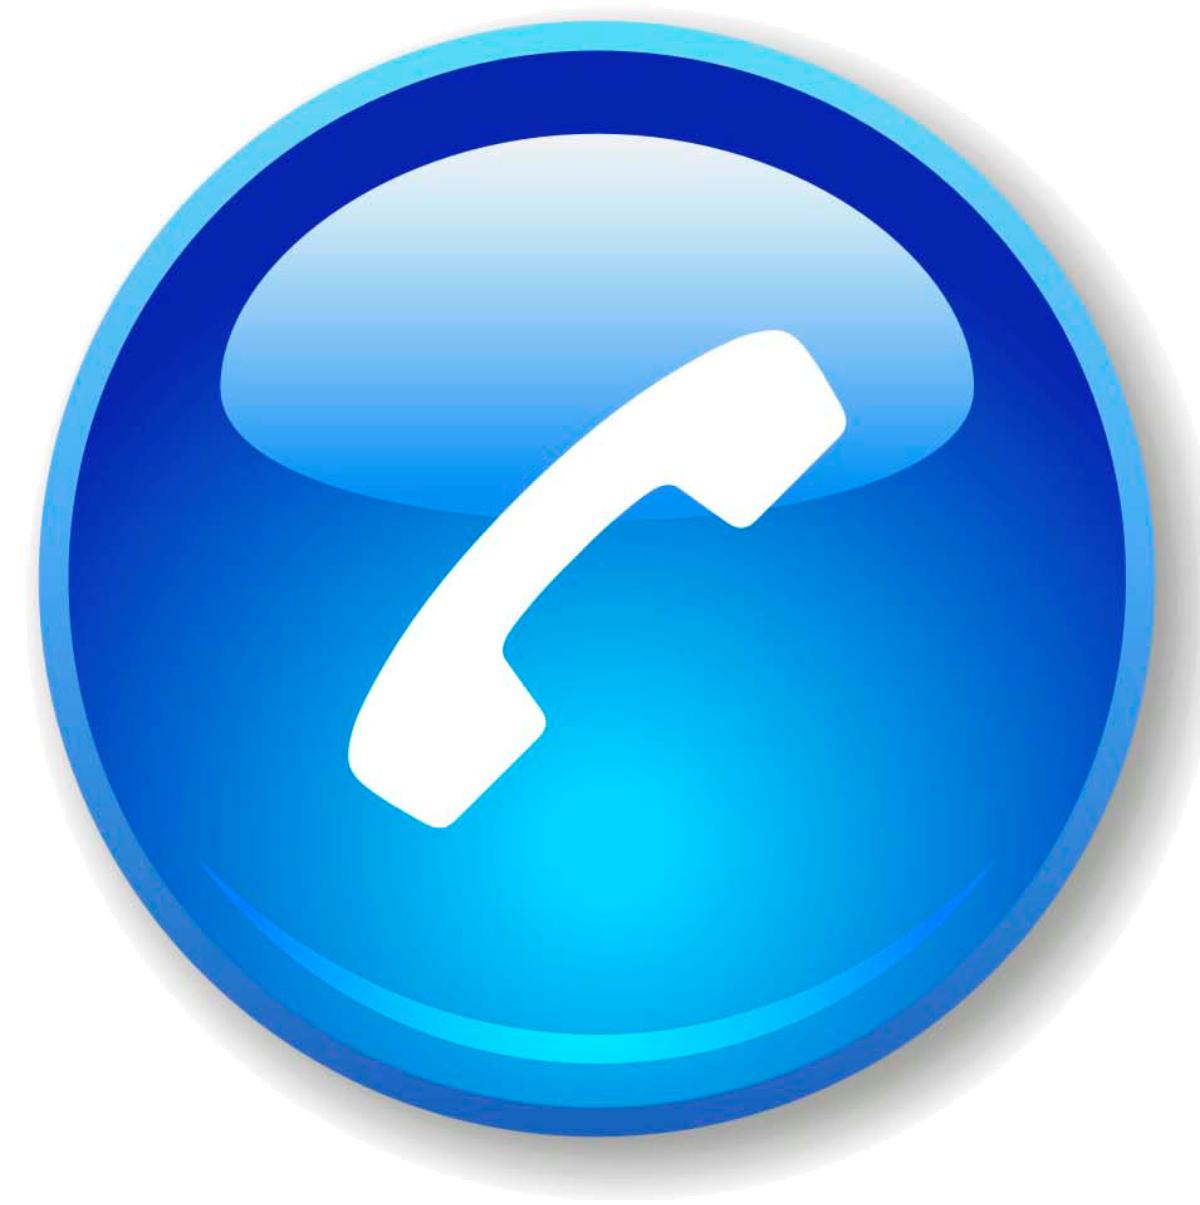 Phone symbol png